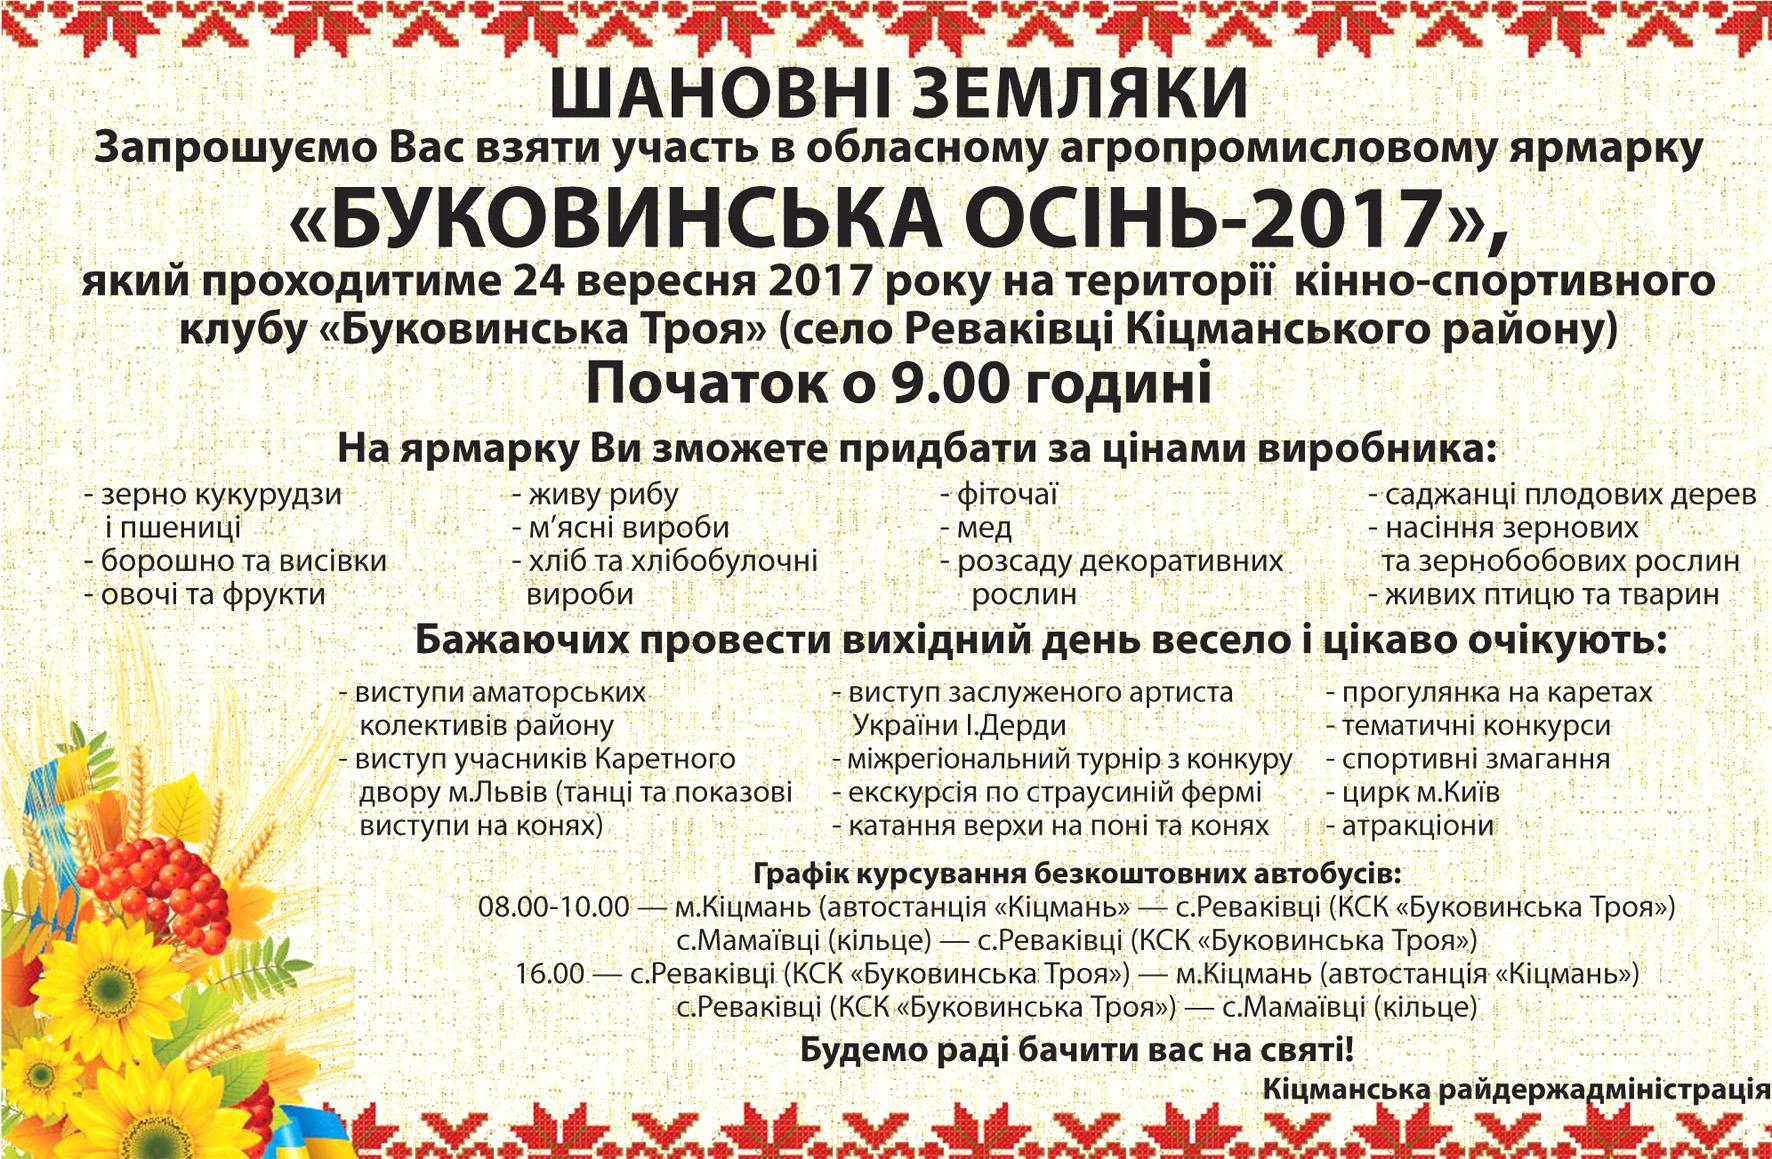 24 вересня відбудеться обласна агропромислова виставка-ярмарок «Буковинська  осінь-2017» 28d5cbece27a8